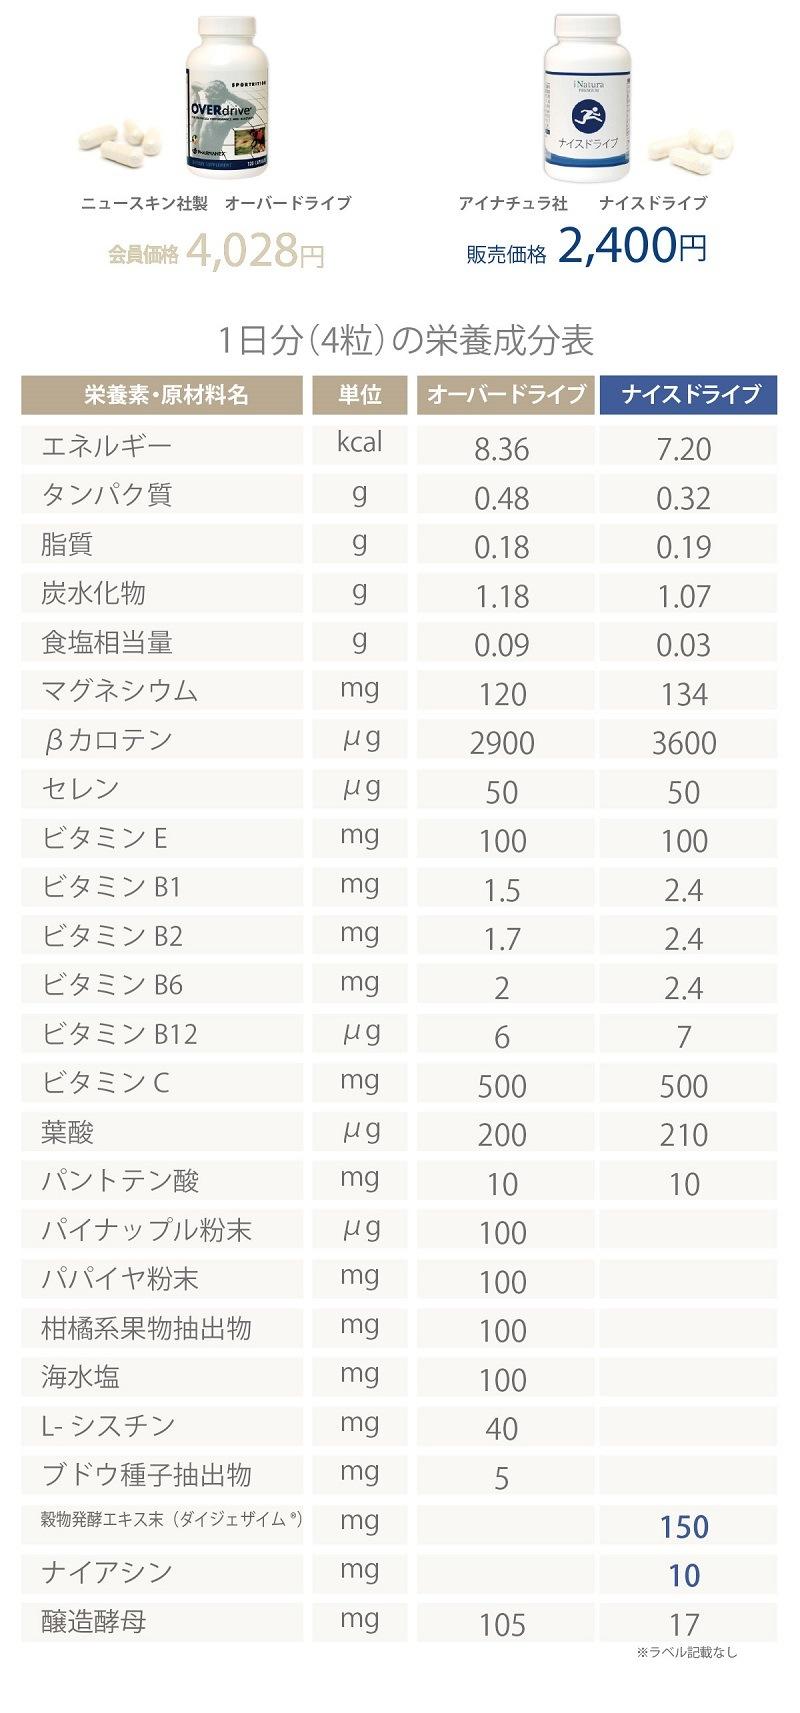 ニュースキン社オーバードライブとアイナチュラ社ナイスドライブの1日分4粒の栄養成分表